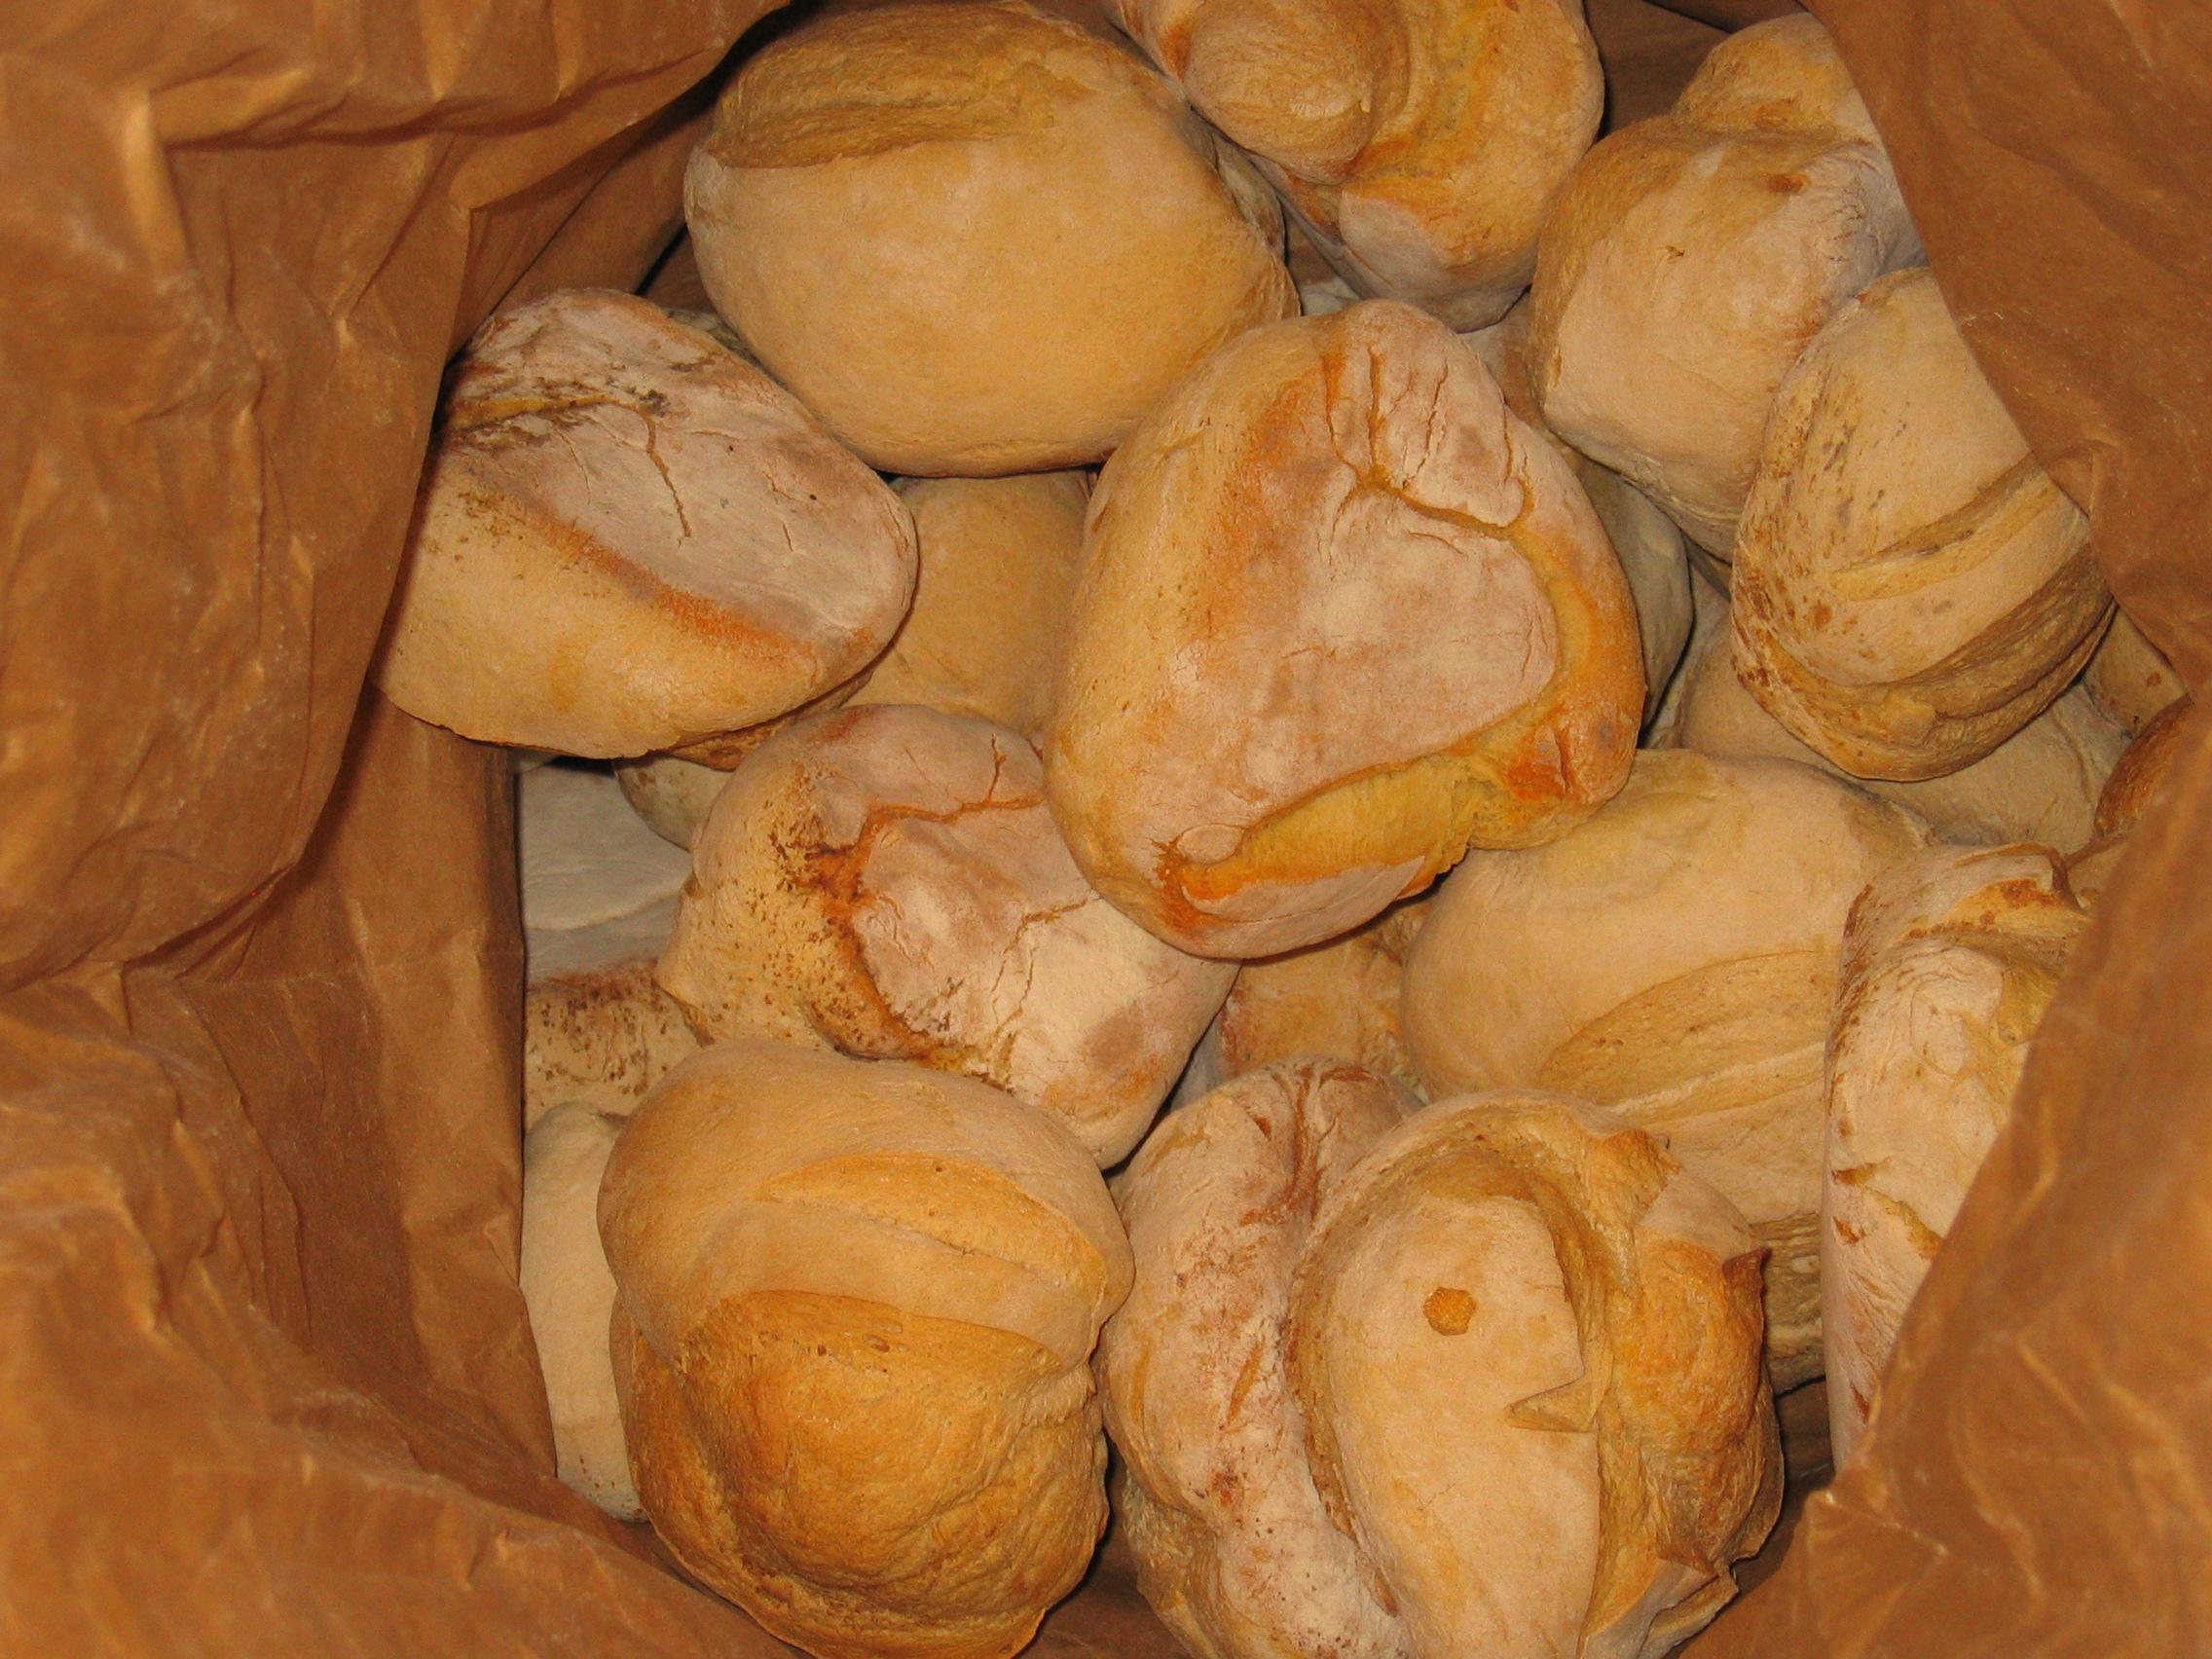 Cuisson de pains dans le four à pain de Juillé